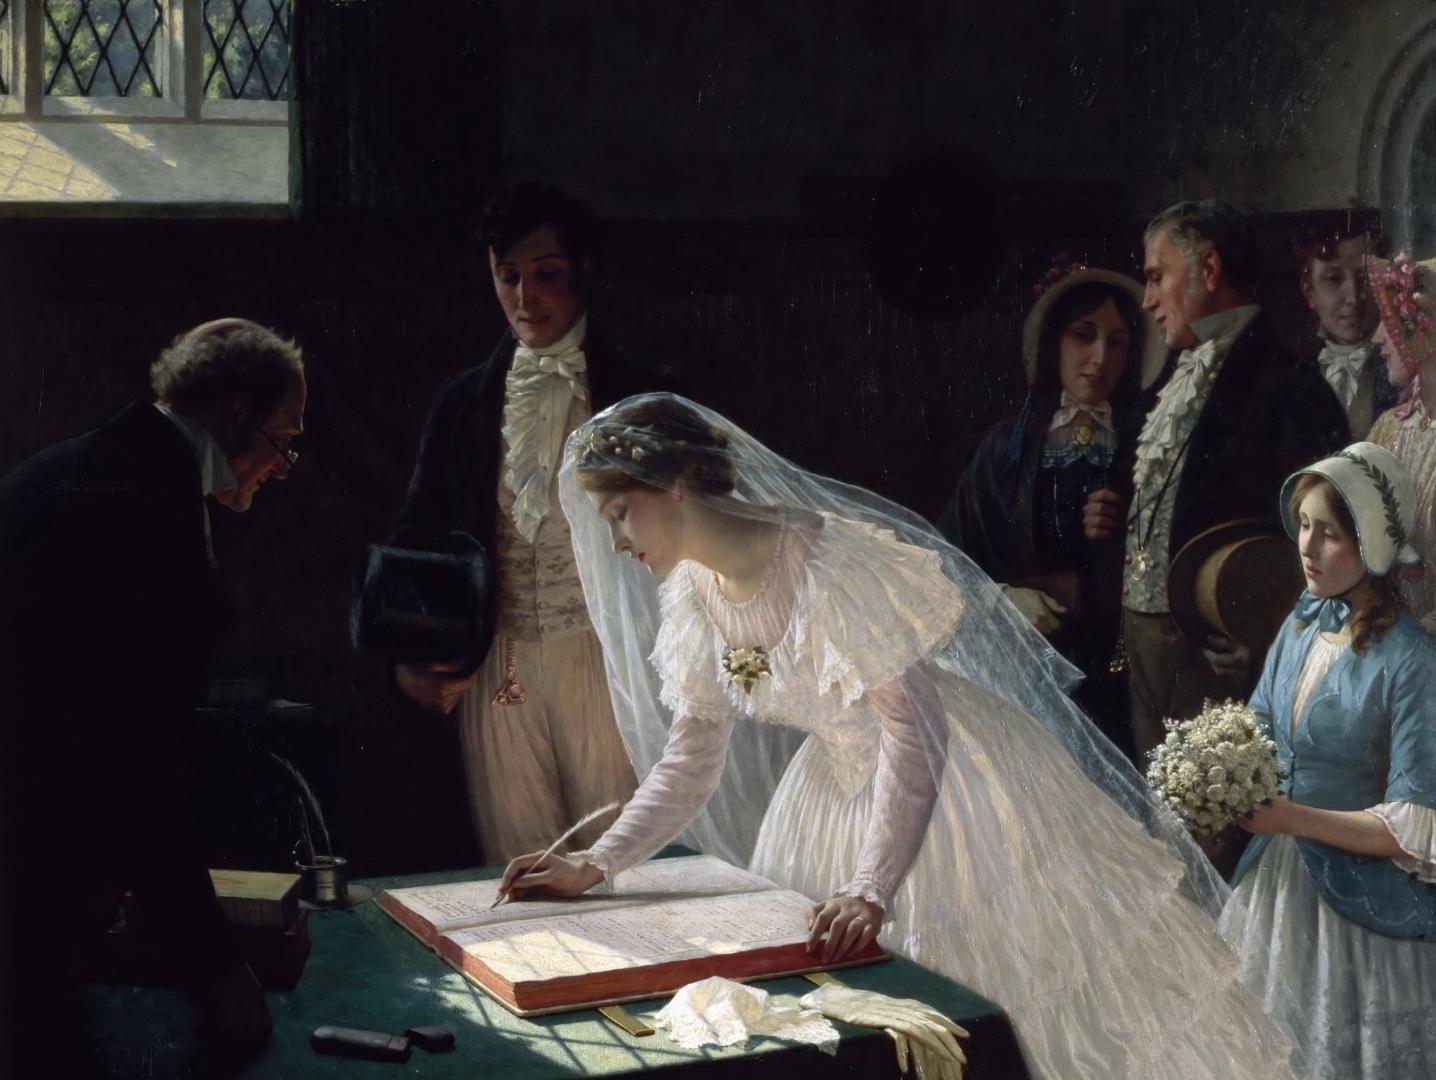 Эдмунд Блэр Лейтон. Регистрация брака. 1880-е